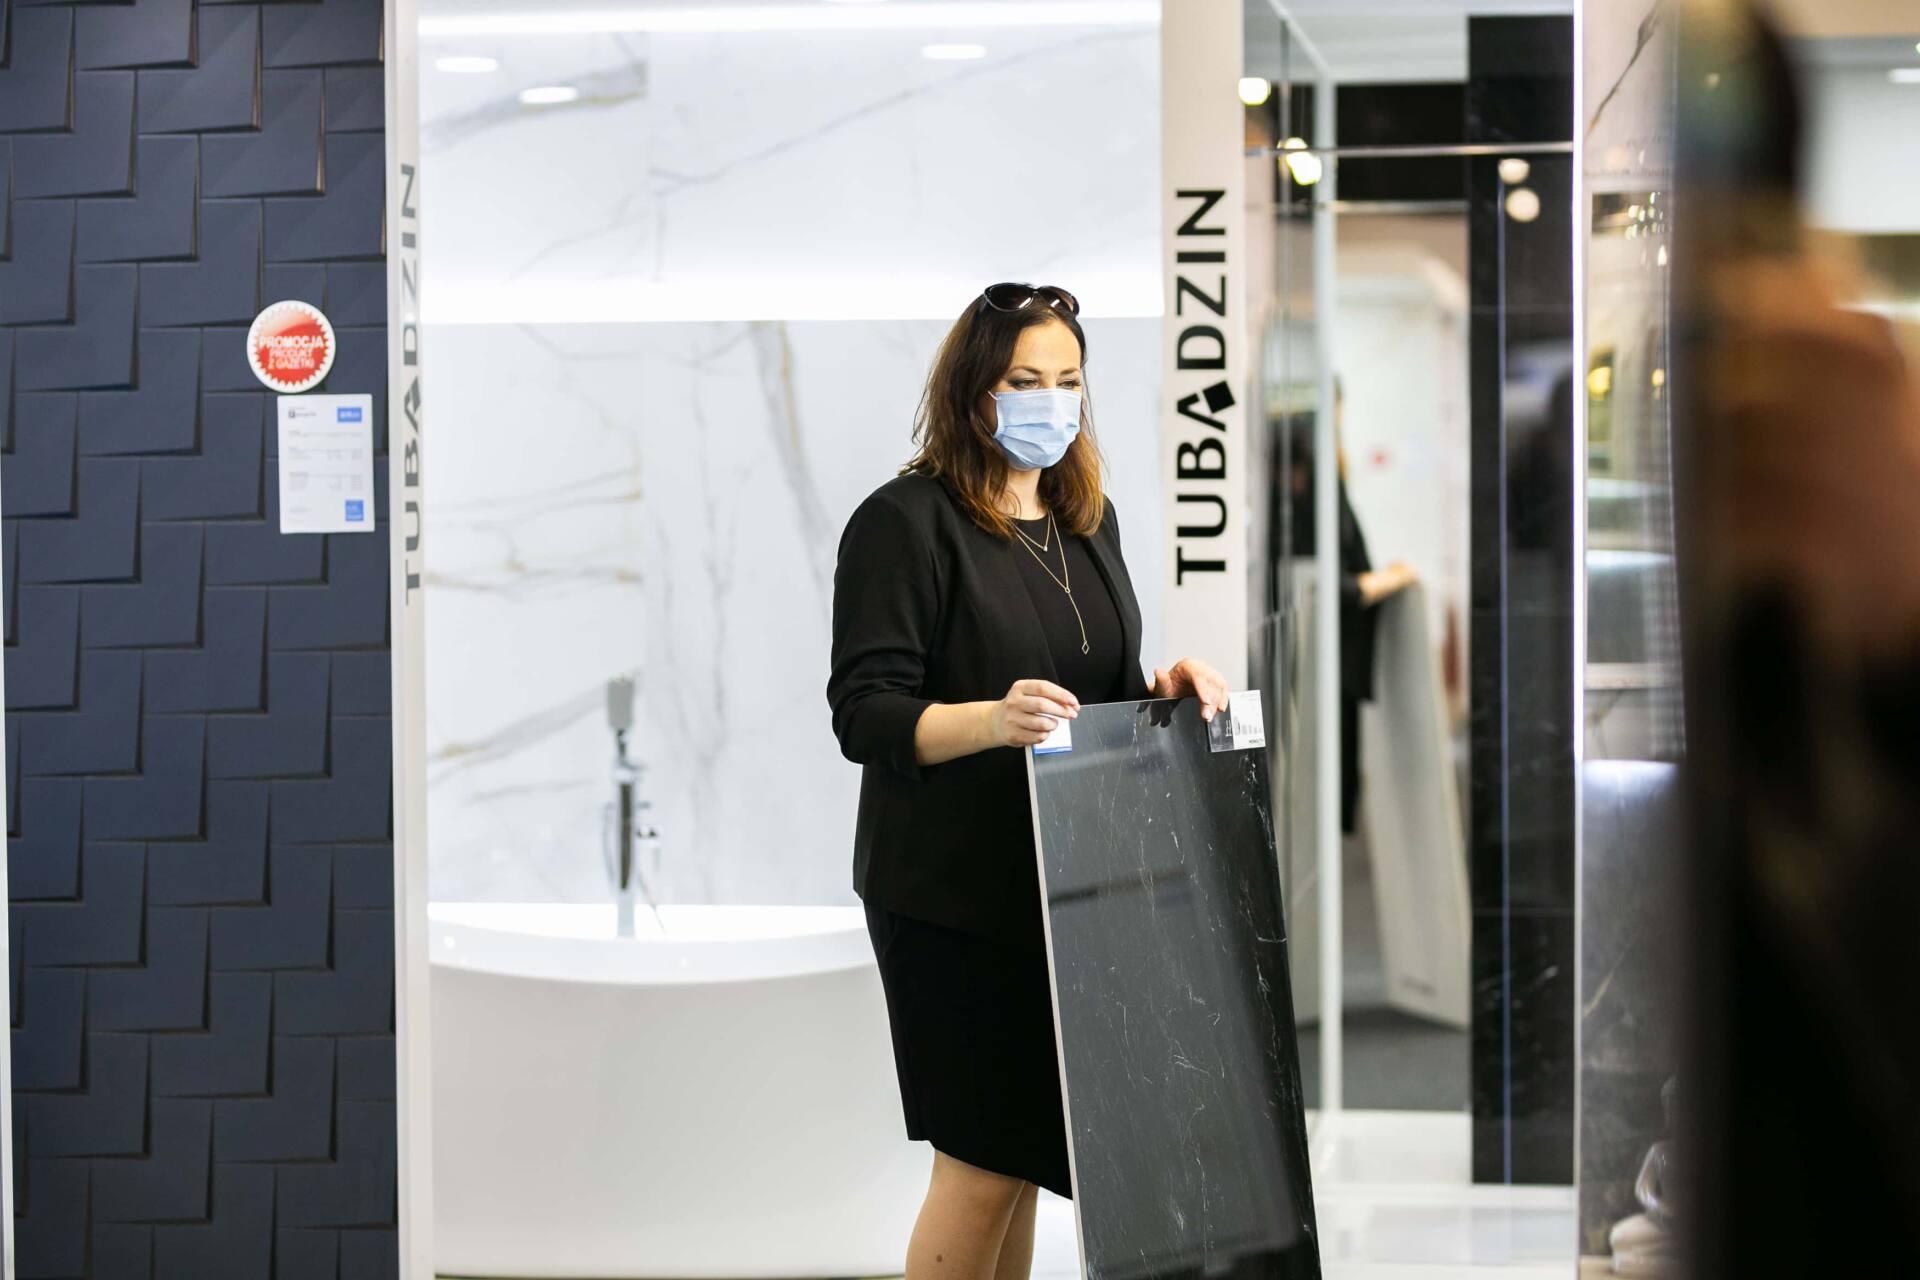 5db 5549 Salon BLU: na ponad 500 m2., 36 łazienkowych aranżacji i bogata ekspozycja wyposażenia (zdjęcia)